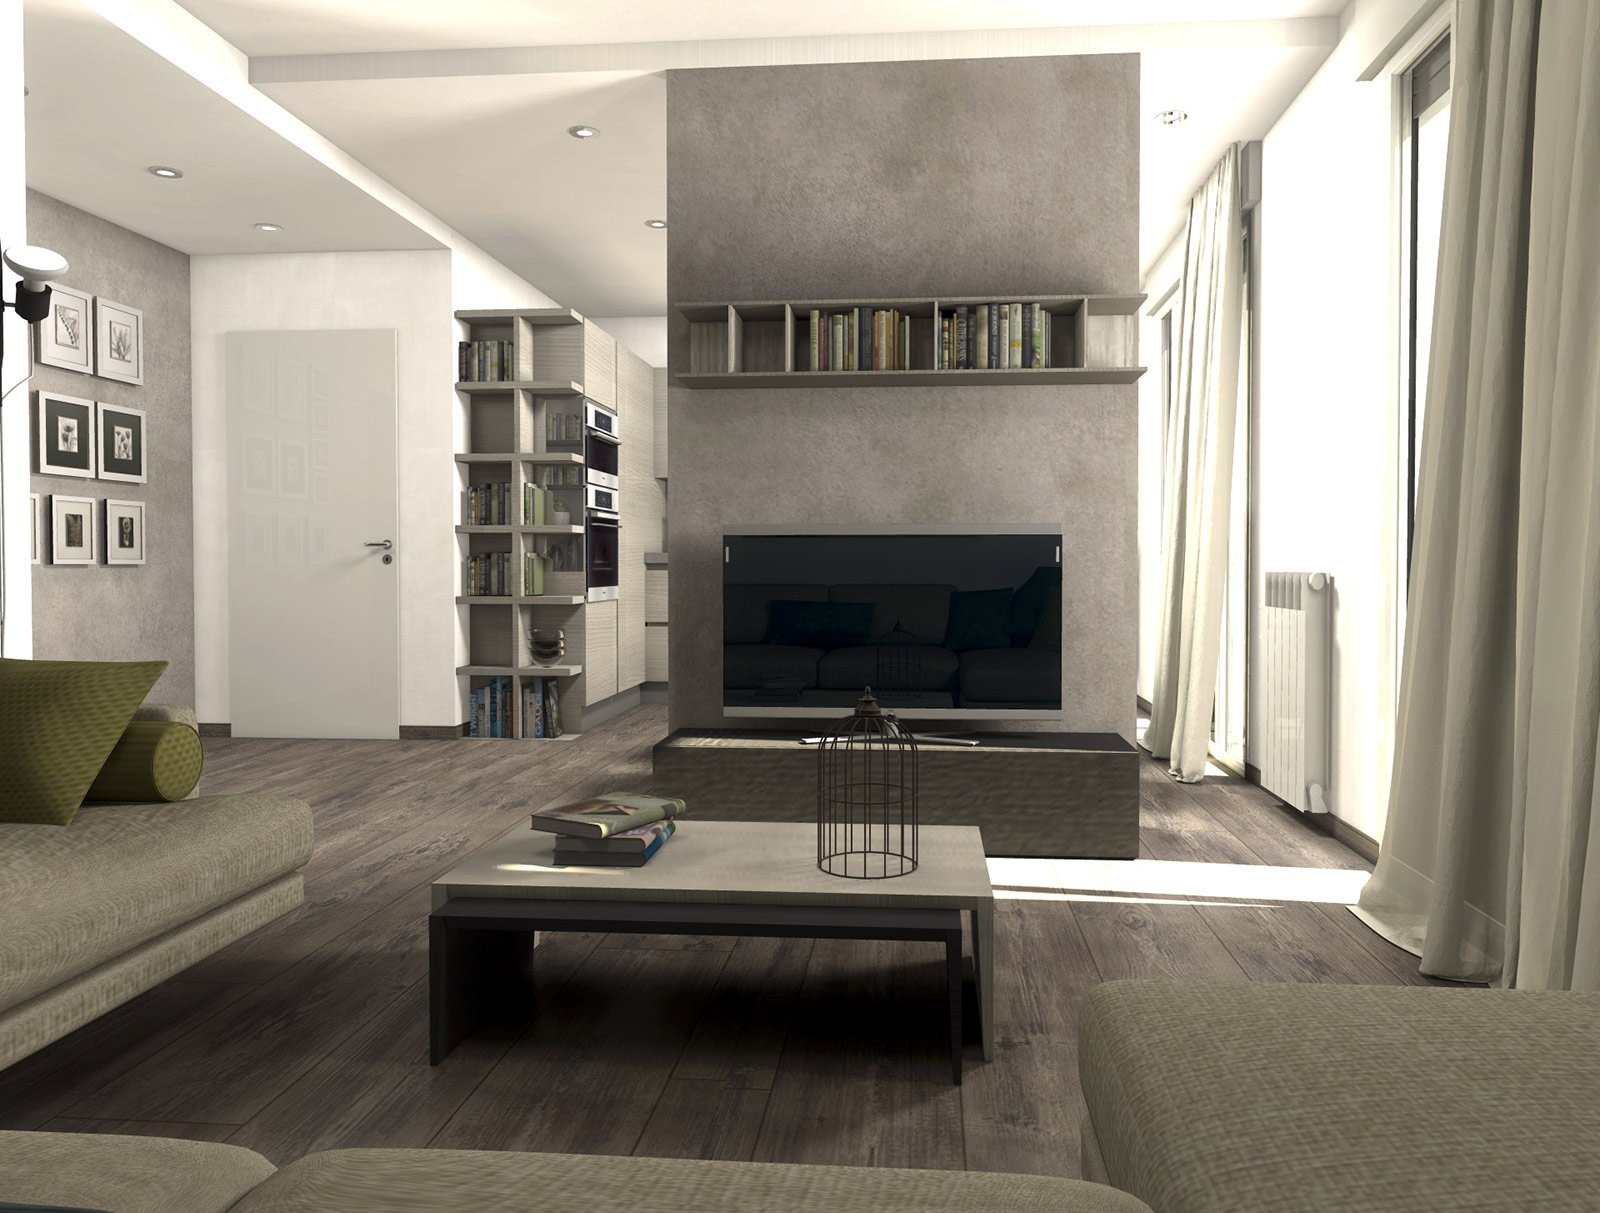 Da casa tradizionale ad abitazione moderna e attuale for Pareti tv moderne